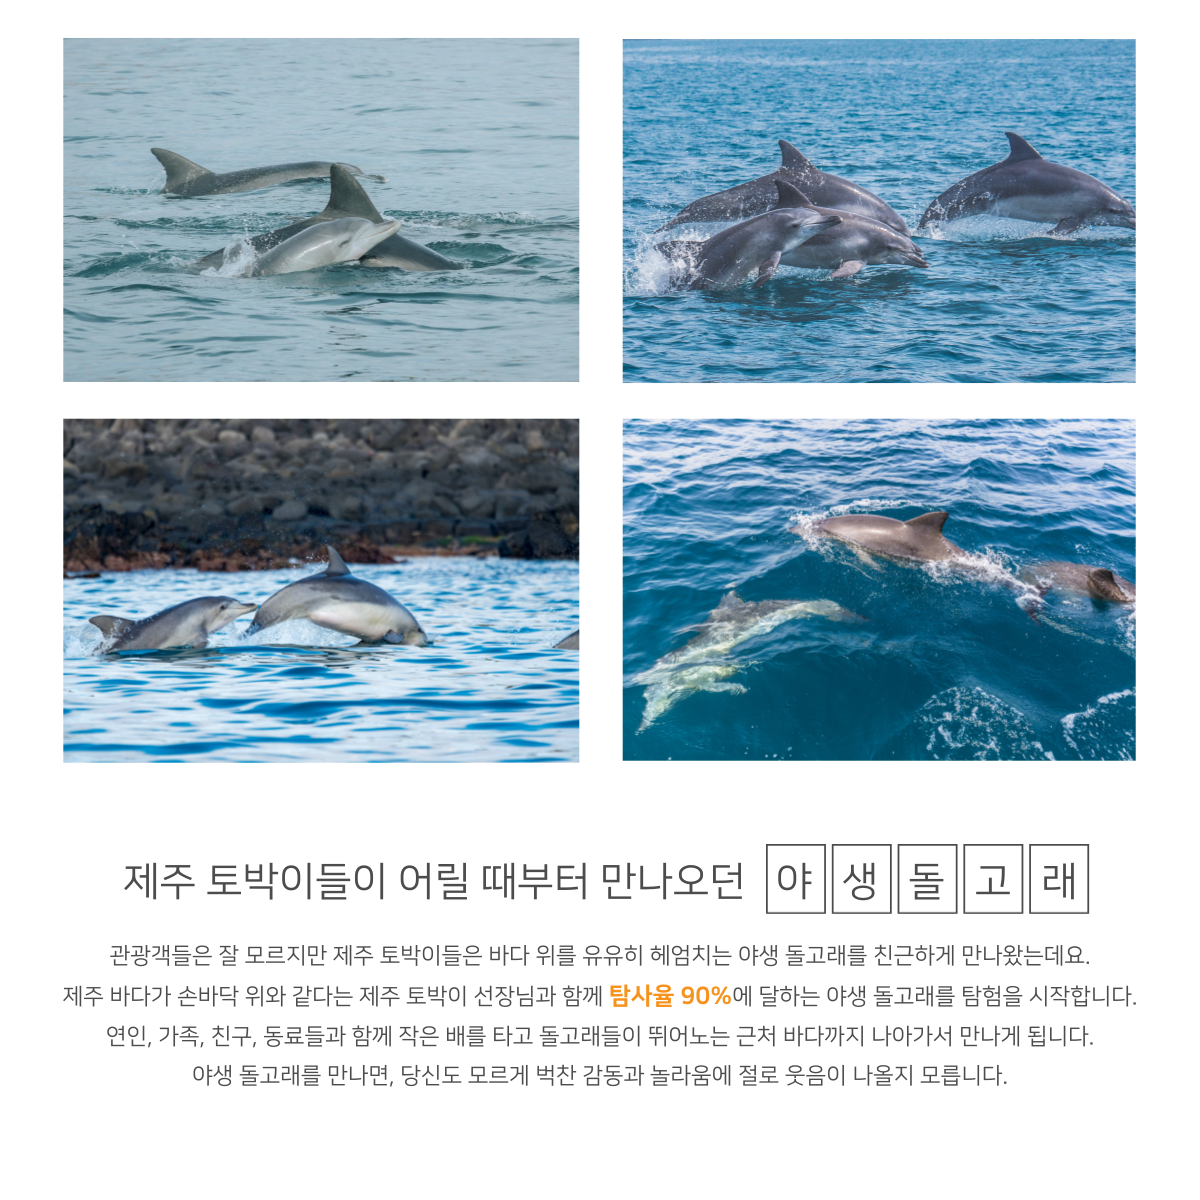 제주도 모슬포 앞바다는 야생 돌고래의 서식지입니다. 탐사율 90%에 달하는 야생 돌고래 탐사를 떠나보세요.